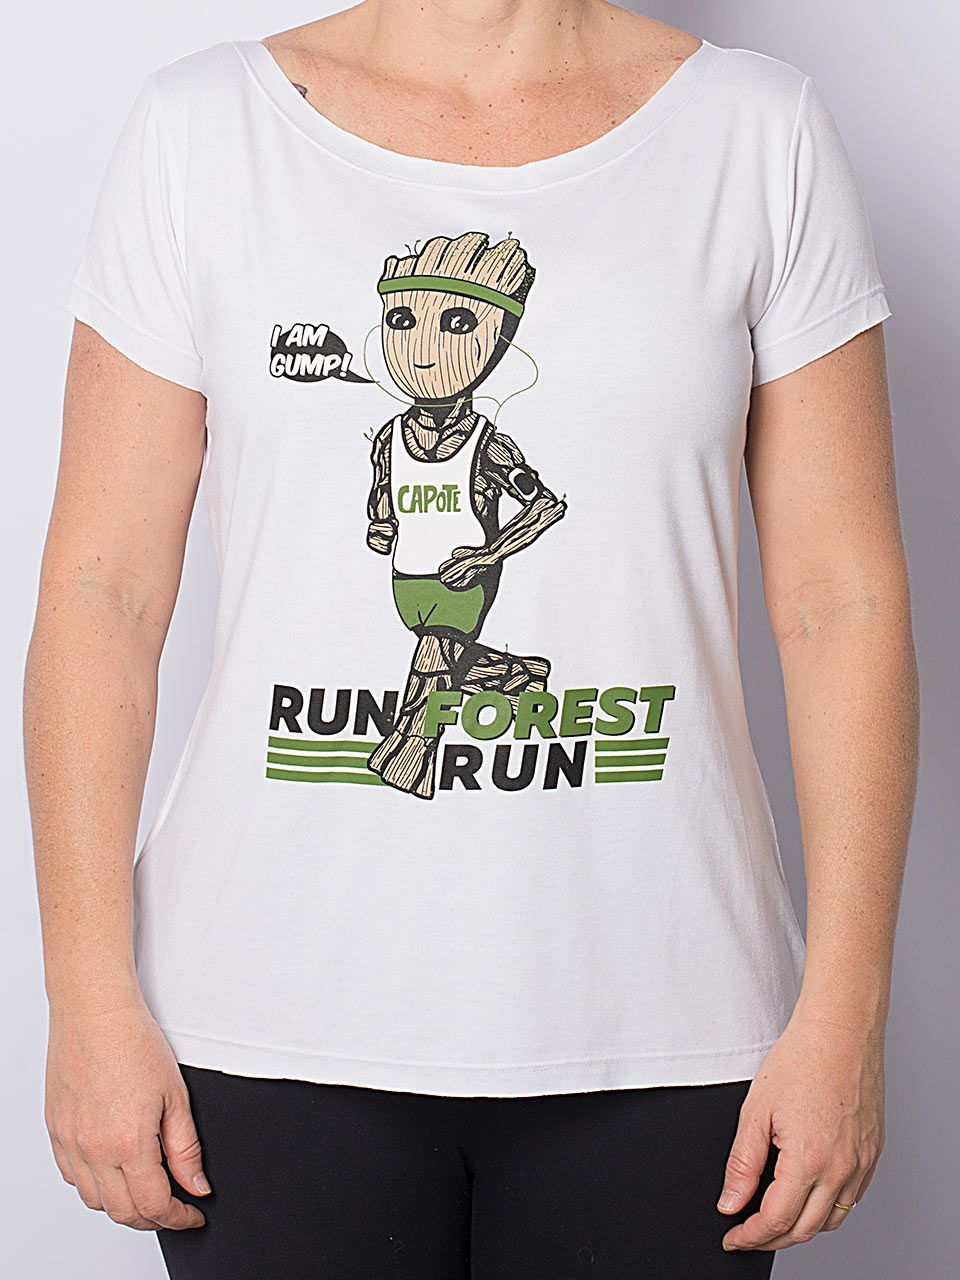 Camiseta Capote gola U RUN BABY GROOT